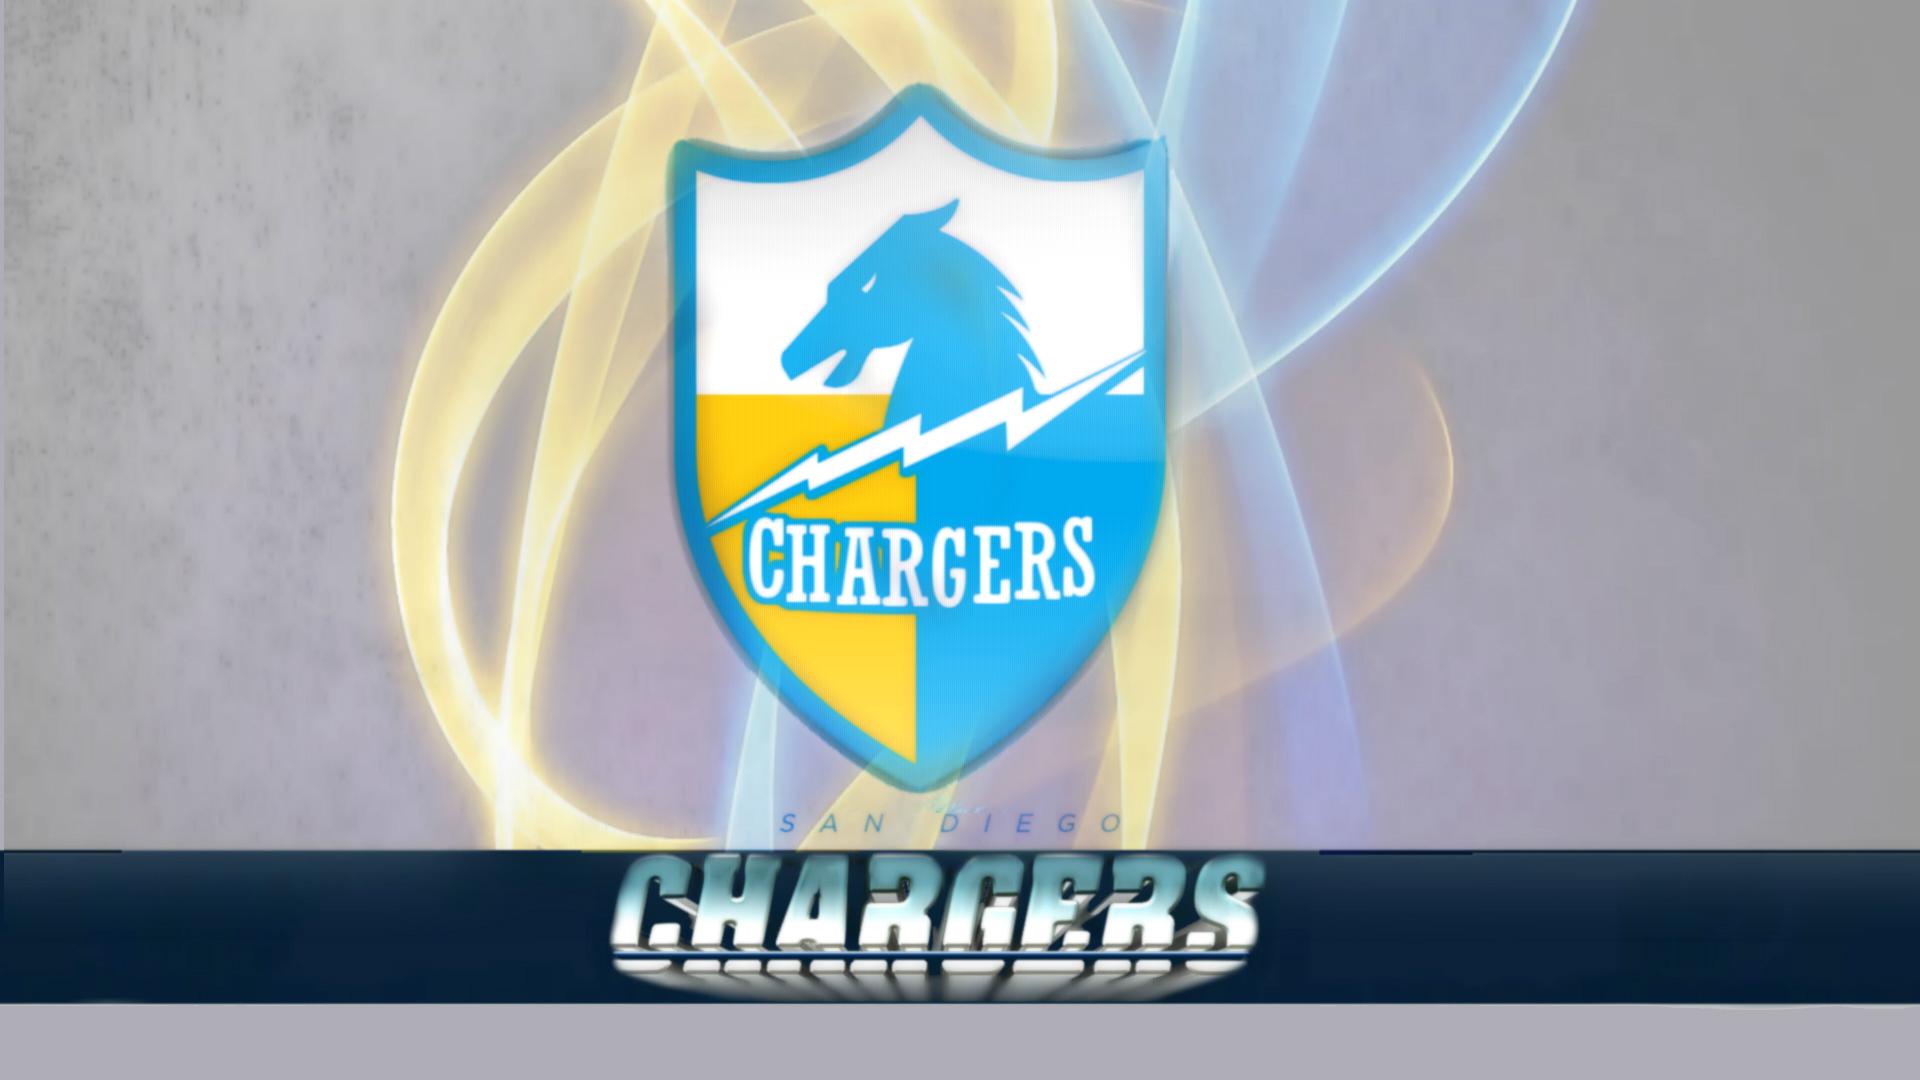 Chargers Bolt Wallpaper Www Pixshark Com Images